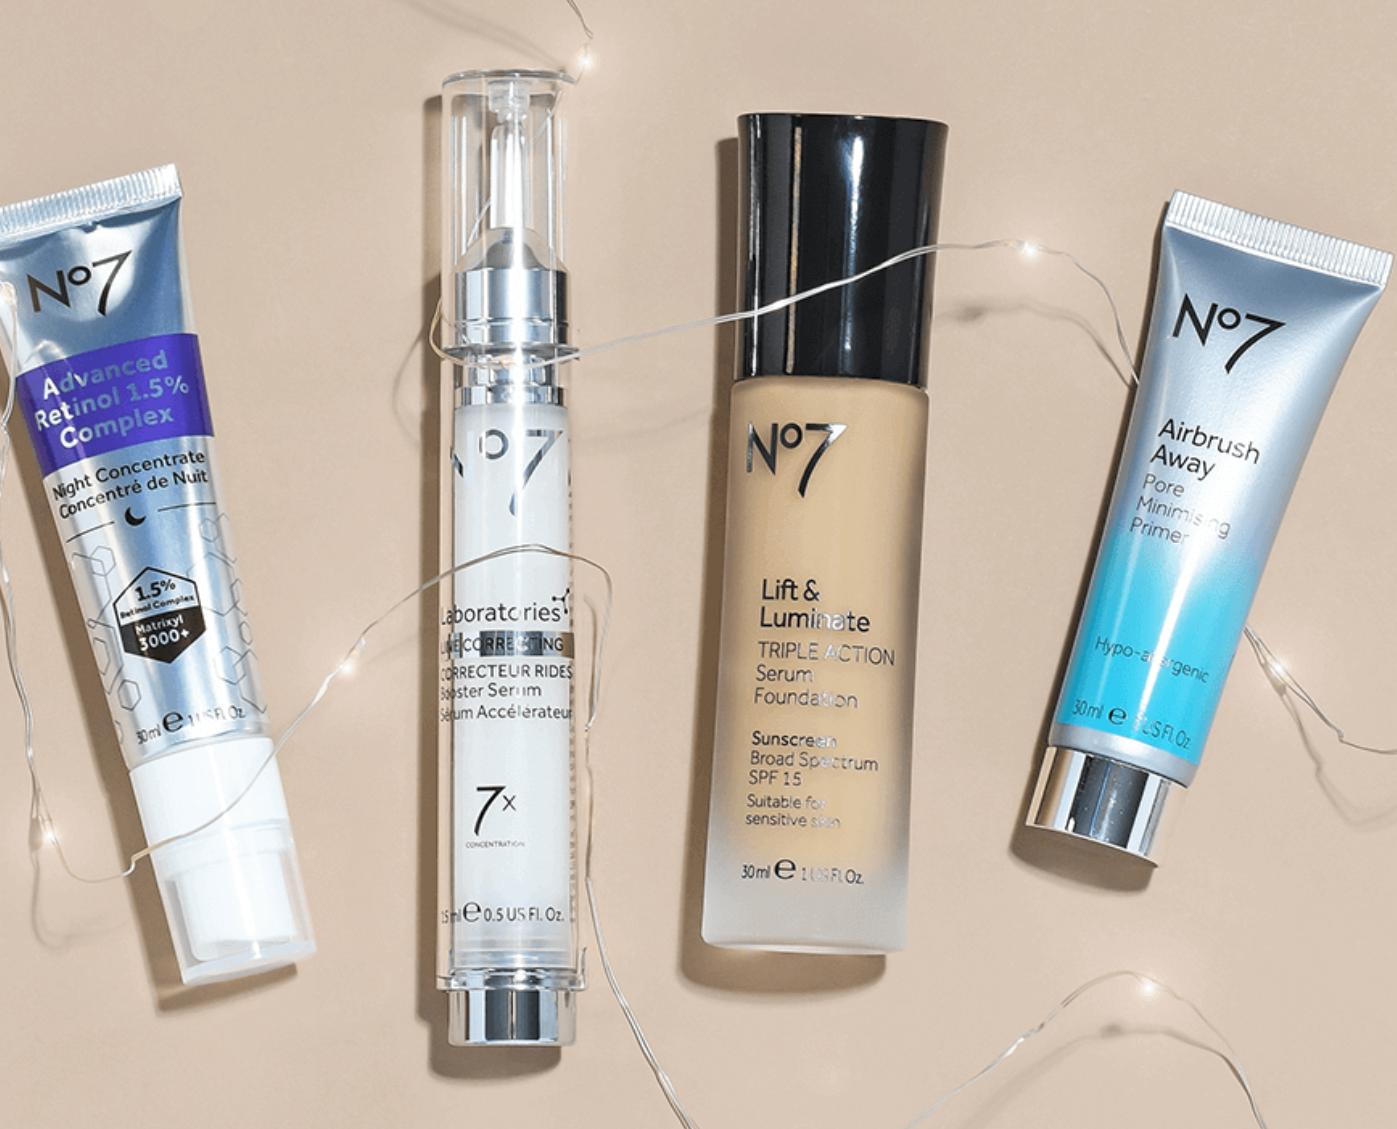 No7 Beauty: Buy 1, get 1 50% Off Sale